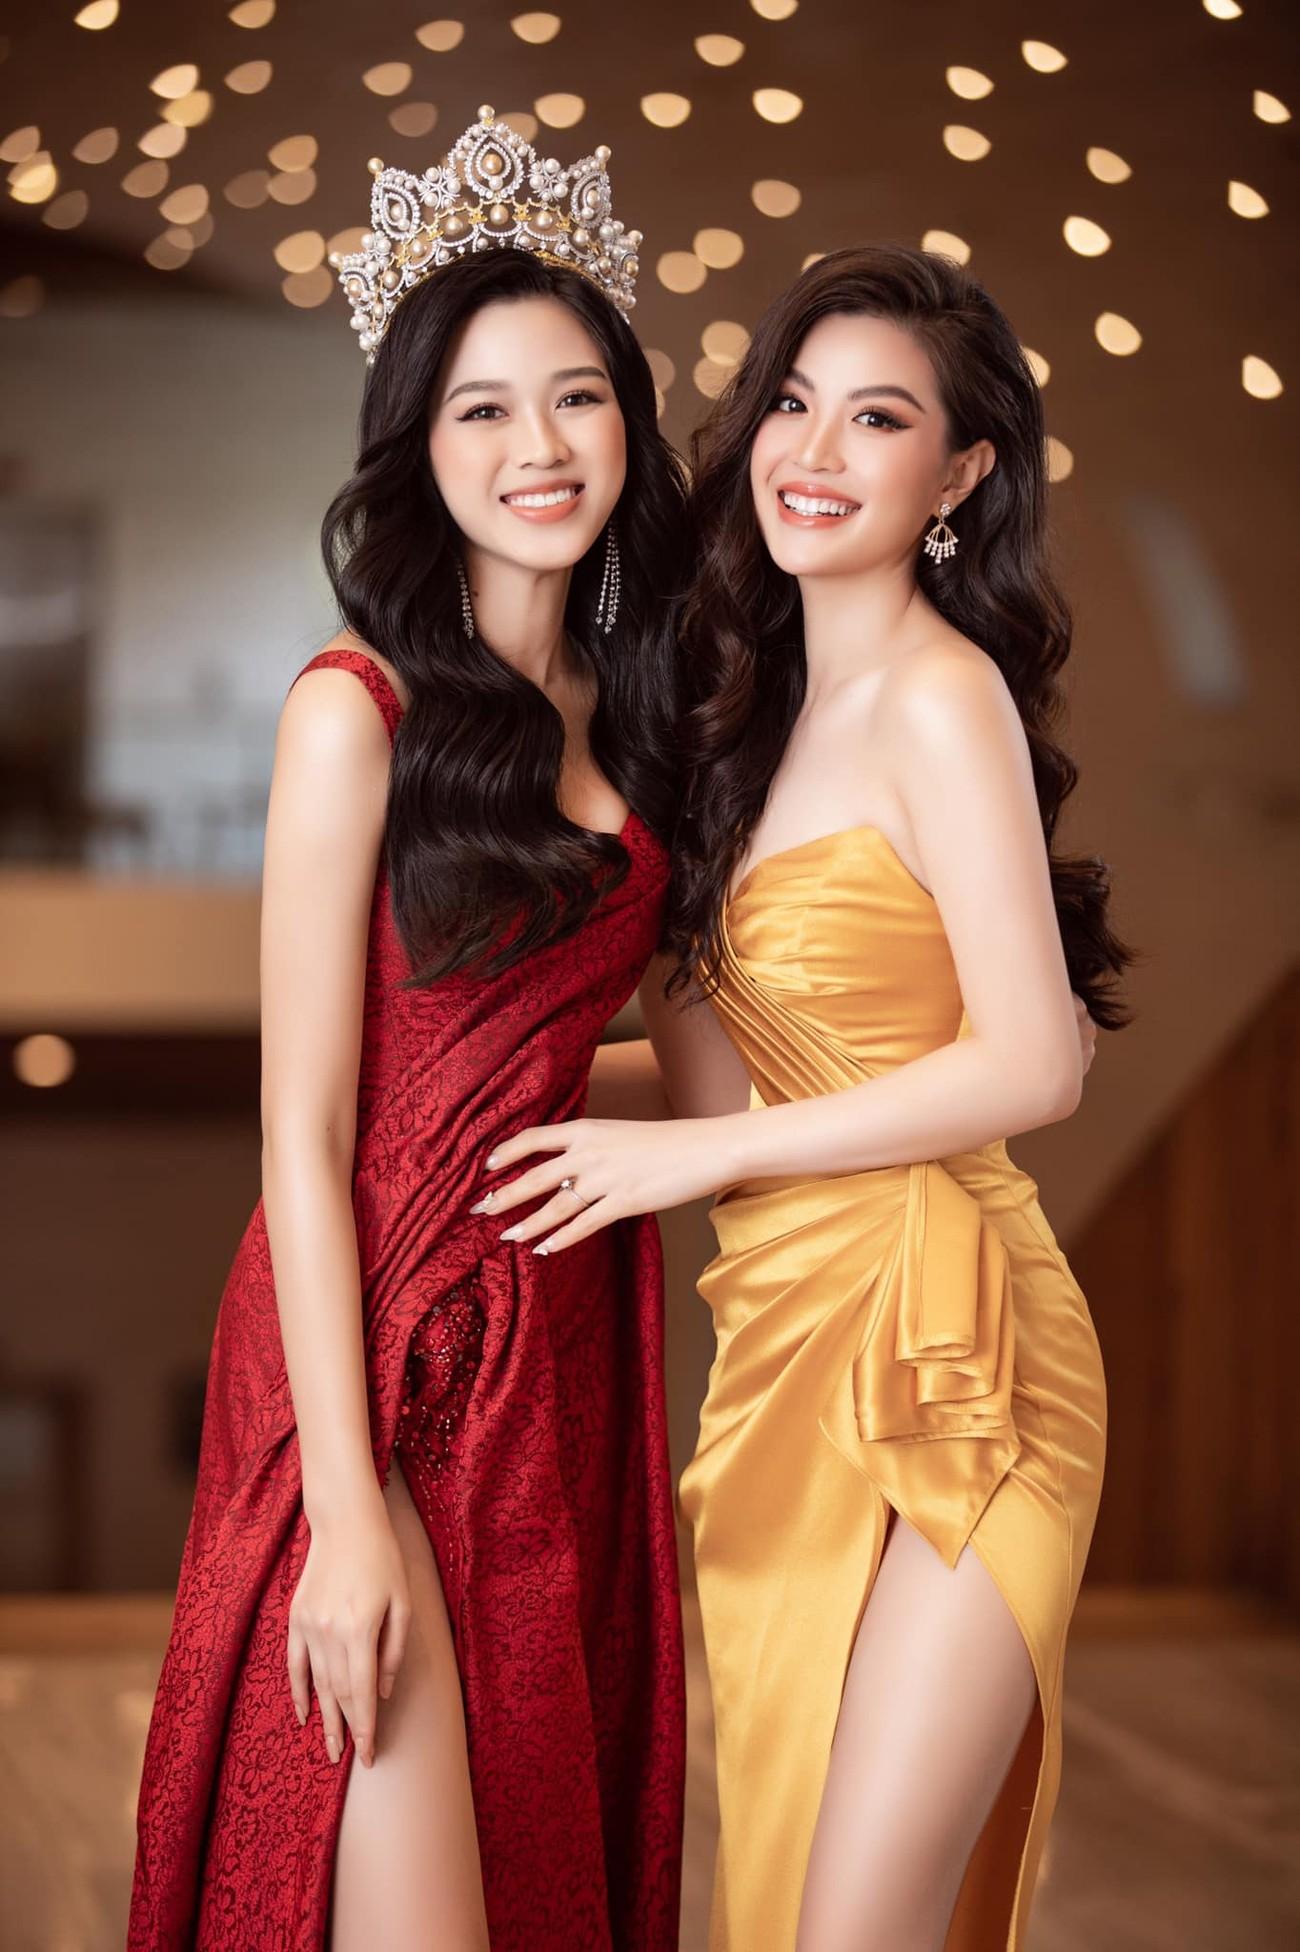 Tiếp tục chinh phục gam màu đỏ, Hoa hậu Đỗ Thị Hà khoe đôi chân 'cực phẩm' ảnh 3